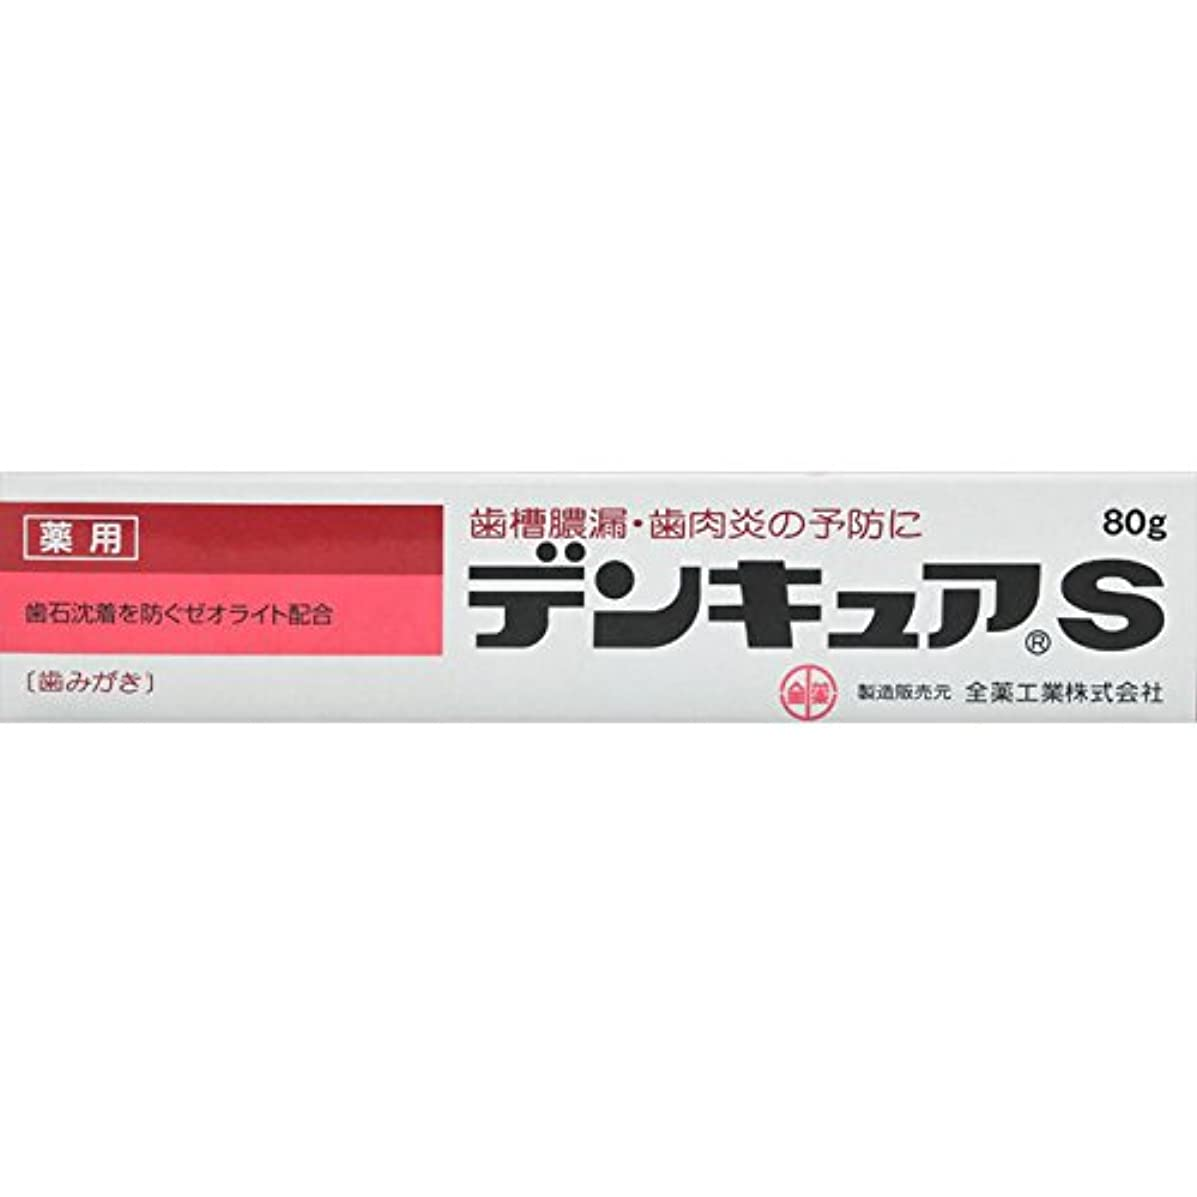 シャンプー企業きらめき全薬工業 デンキュアS 80g (医薬部外品)